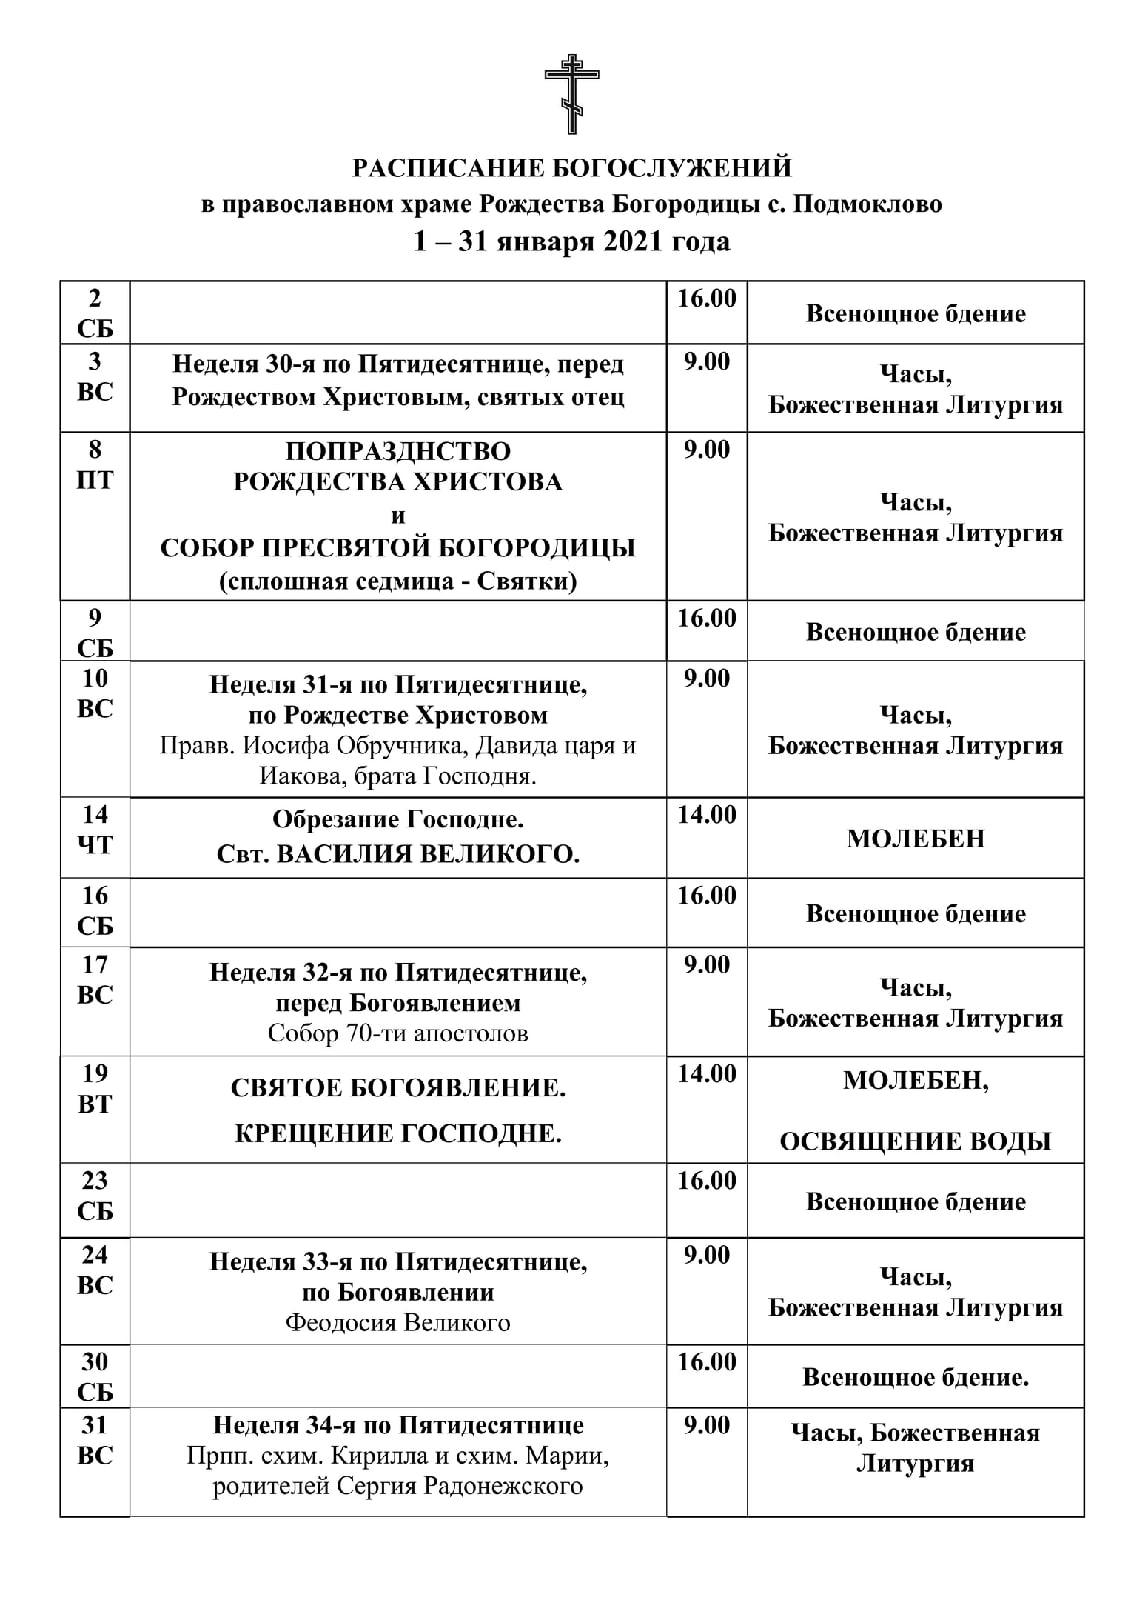 Расписание богослужений Подмоклово